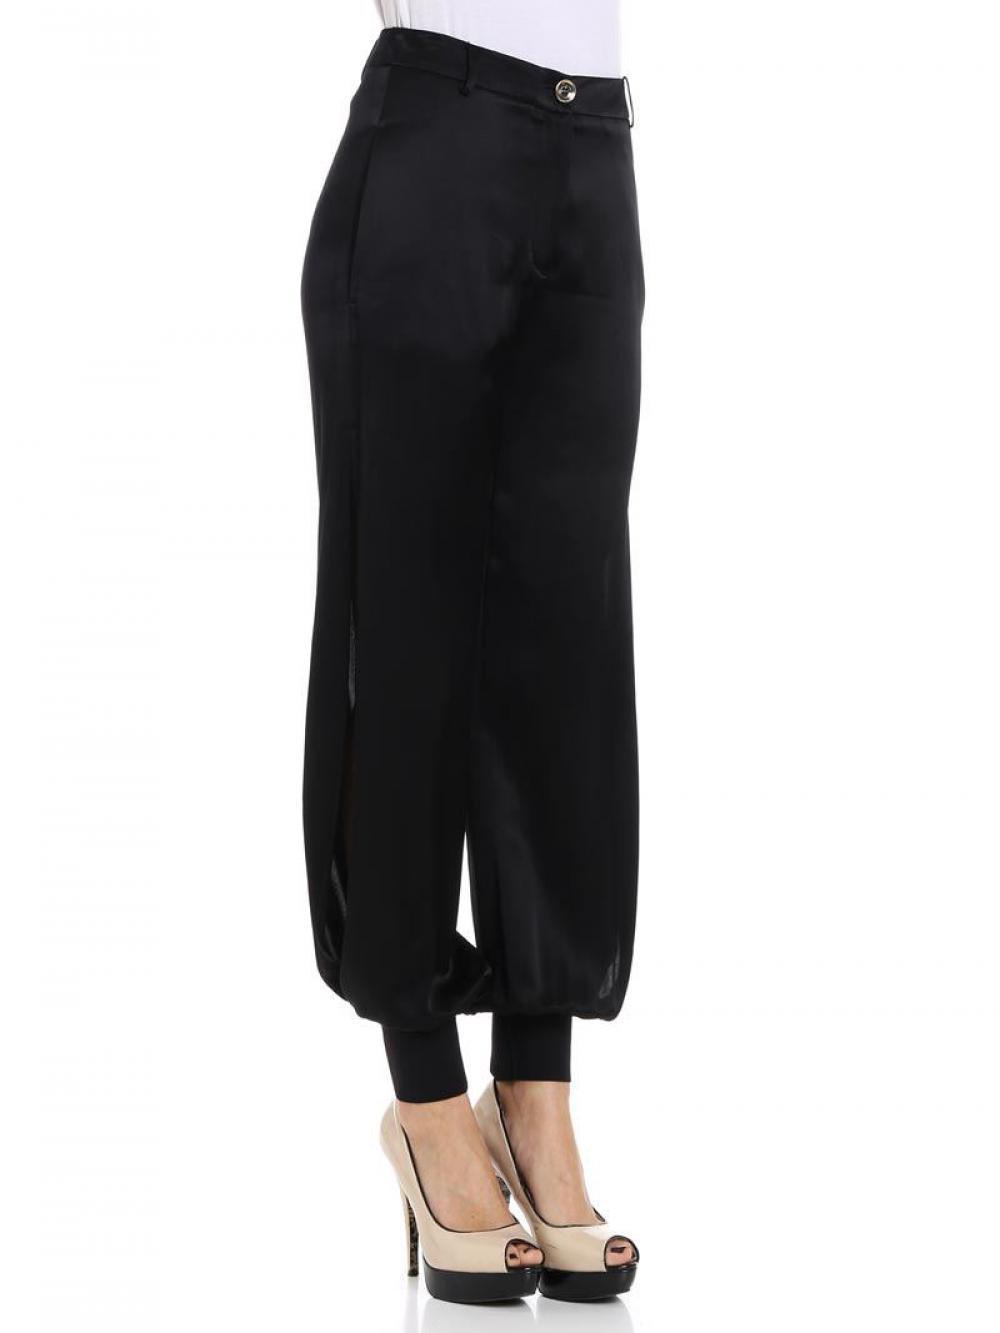 pantalone-in-viscosa-donna-patrizia-pepe-cod-8p0145